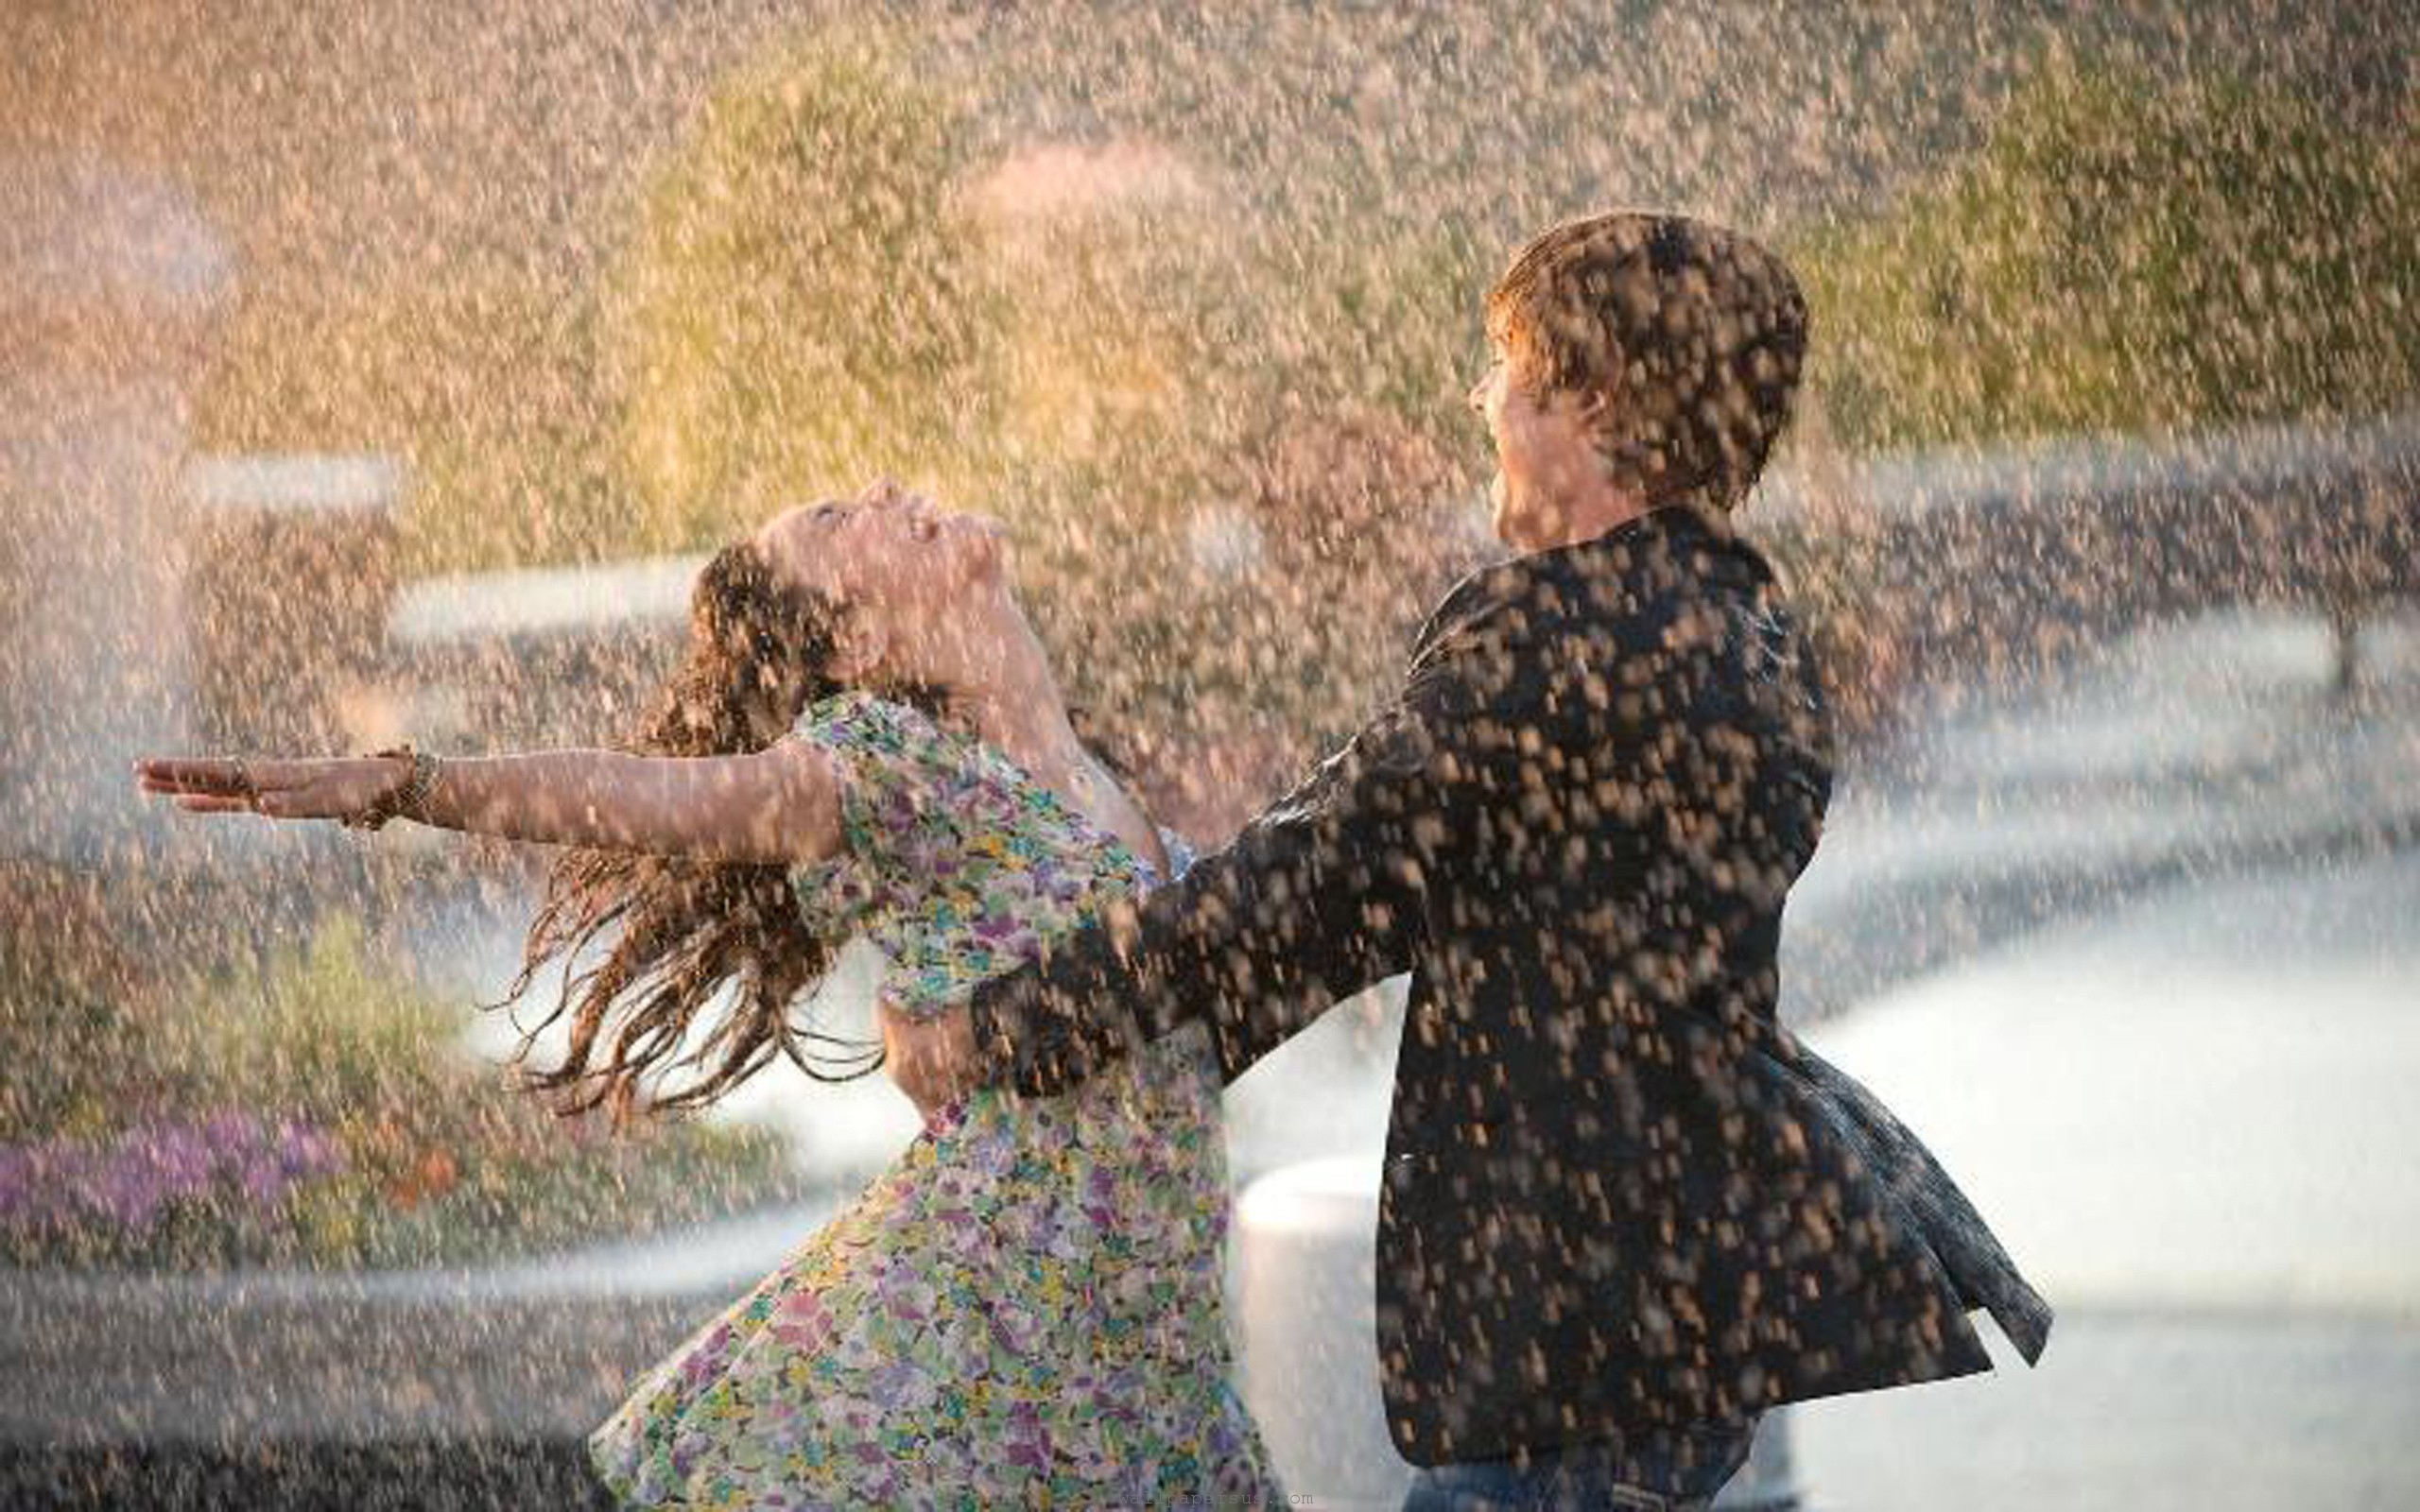 http://unfoldinglove.com/wp-content/uploads/2012/07/rain-happy-couple.jpg